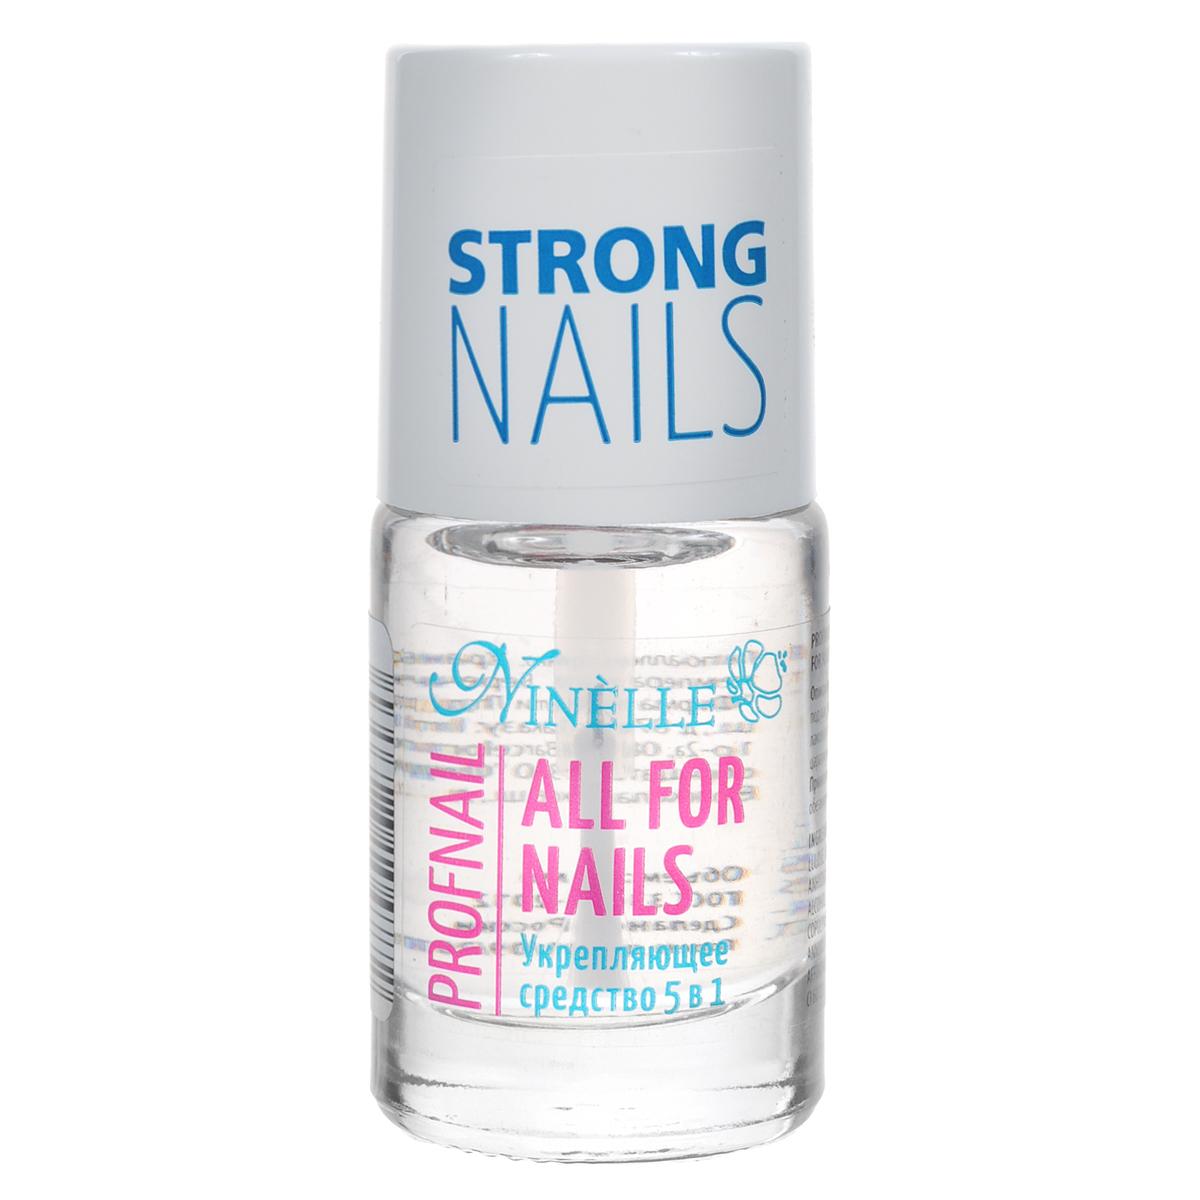 Ninelle Укрепляющее средство для ногтей 5 в 1 All For Nails, 11 млFA-8115-1 White/greyОбладая укрепляющими свойствами, может использоваться как база под лак и как верхнее защитное покрытие. Помогает решить проблему слоящихся ногтей. Экстракт овса и алоэ вера защищают ноготь от вредного воздействия внешней среды и бытовой химии. Фиксирует декоративный лак, исключая возможность быстрого отслоения и потрескивания. В качестве закрепителя сохраняет кристальный блеск и предохраняет от выцветания. Товар сертифицирован.